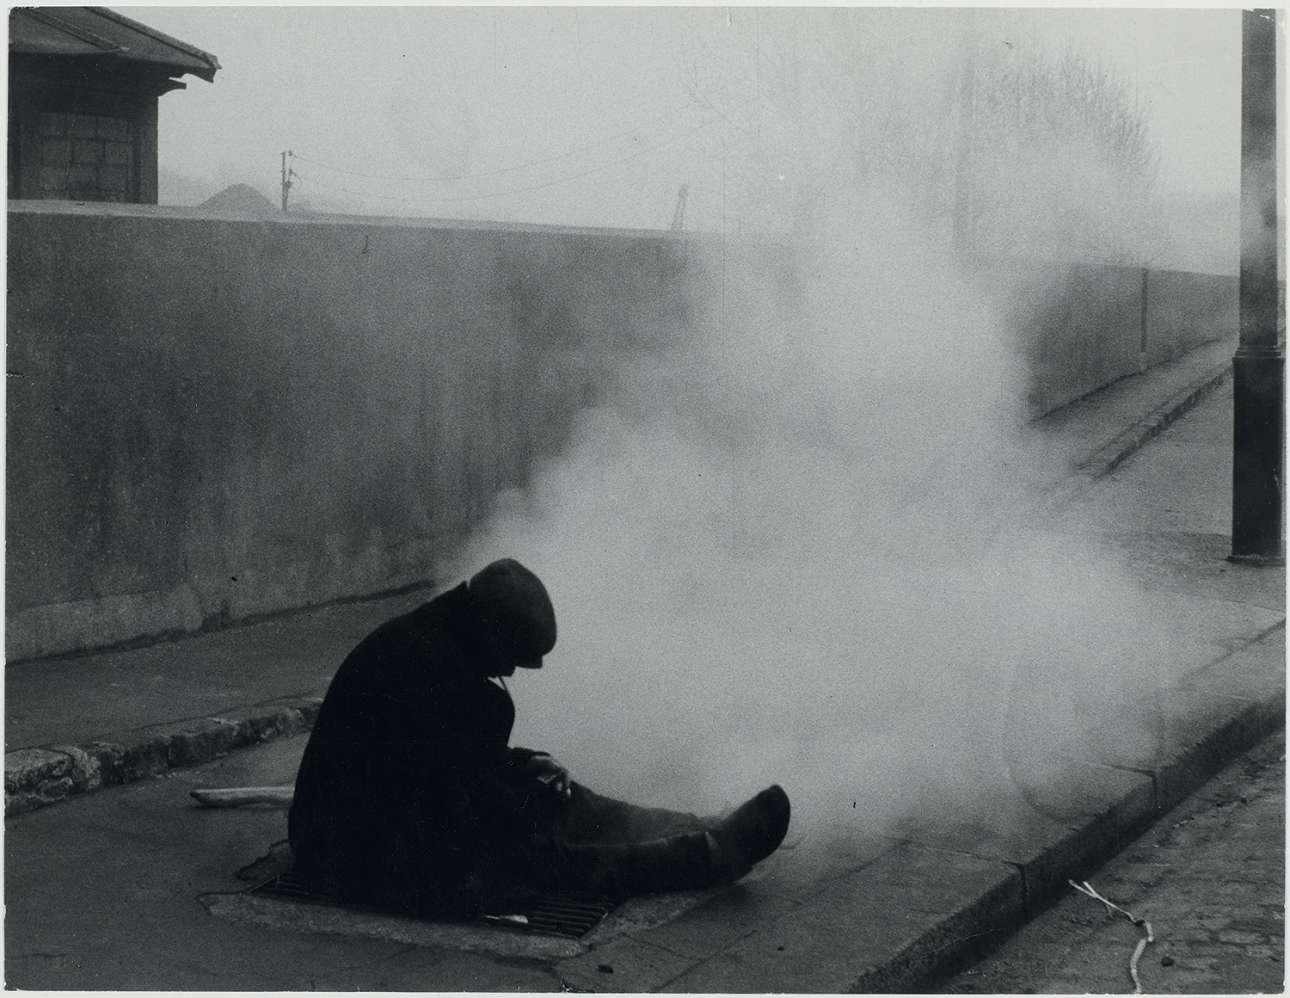 Παρίσι, 1952. Σε αντίθεση με την πιο ψυχρή φωτογραφία δρόμου του Ανρί Καρτιέ Μπρεσόν, η Βάις είχε την ικανότητα να συνδέεται με αυτούς που φωτογράφιζε, όσο φευγαλέα και να ήταν η συνάντηση